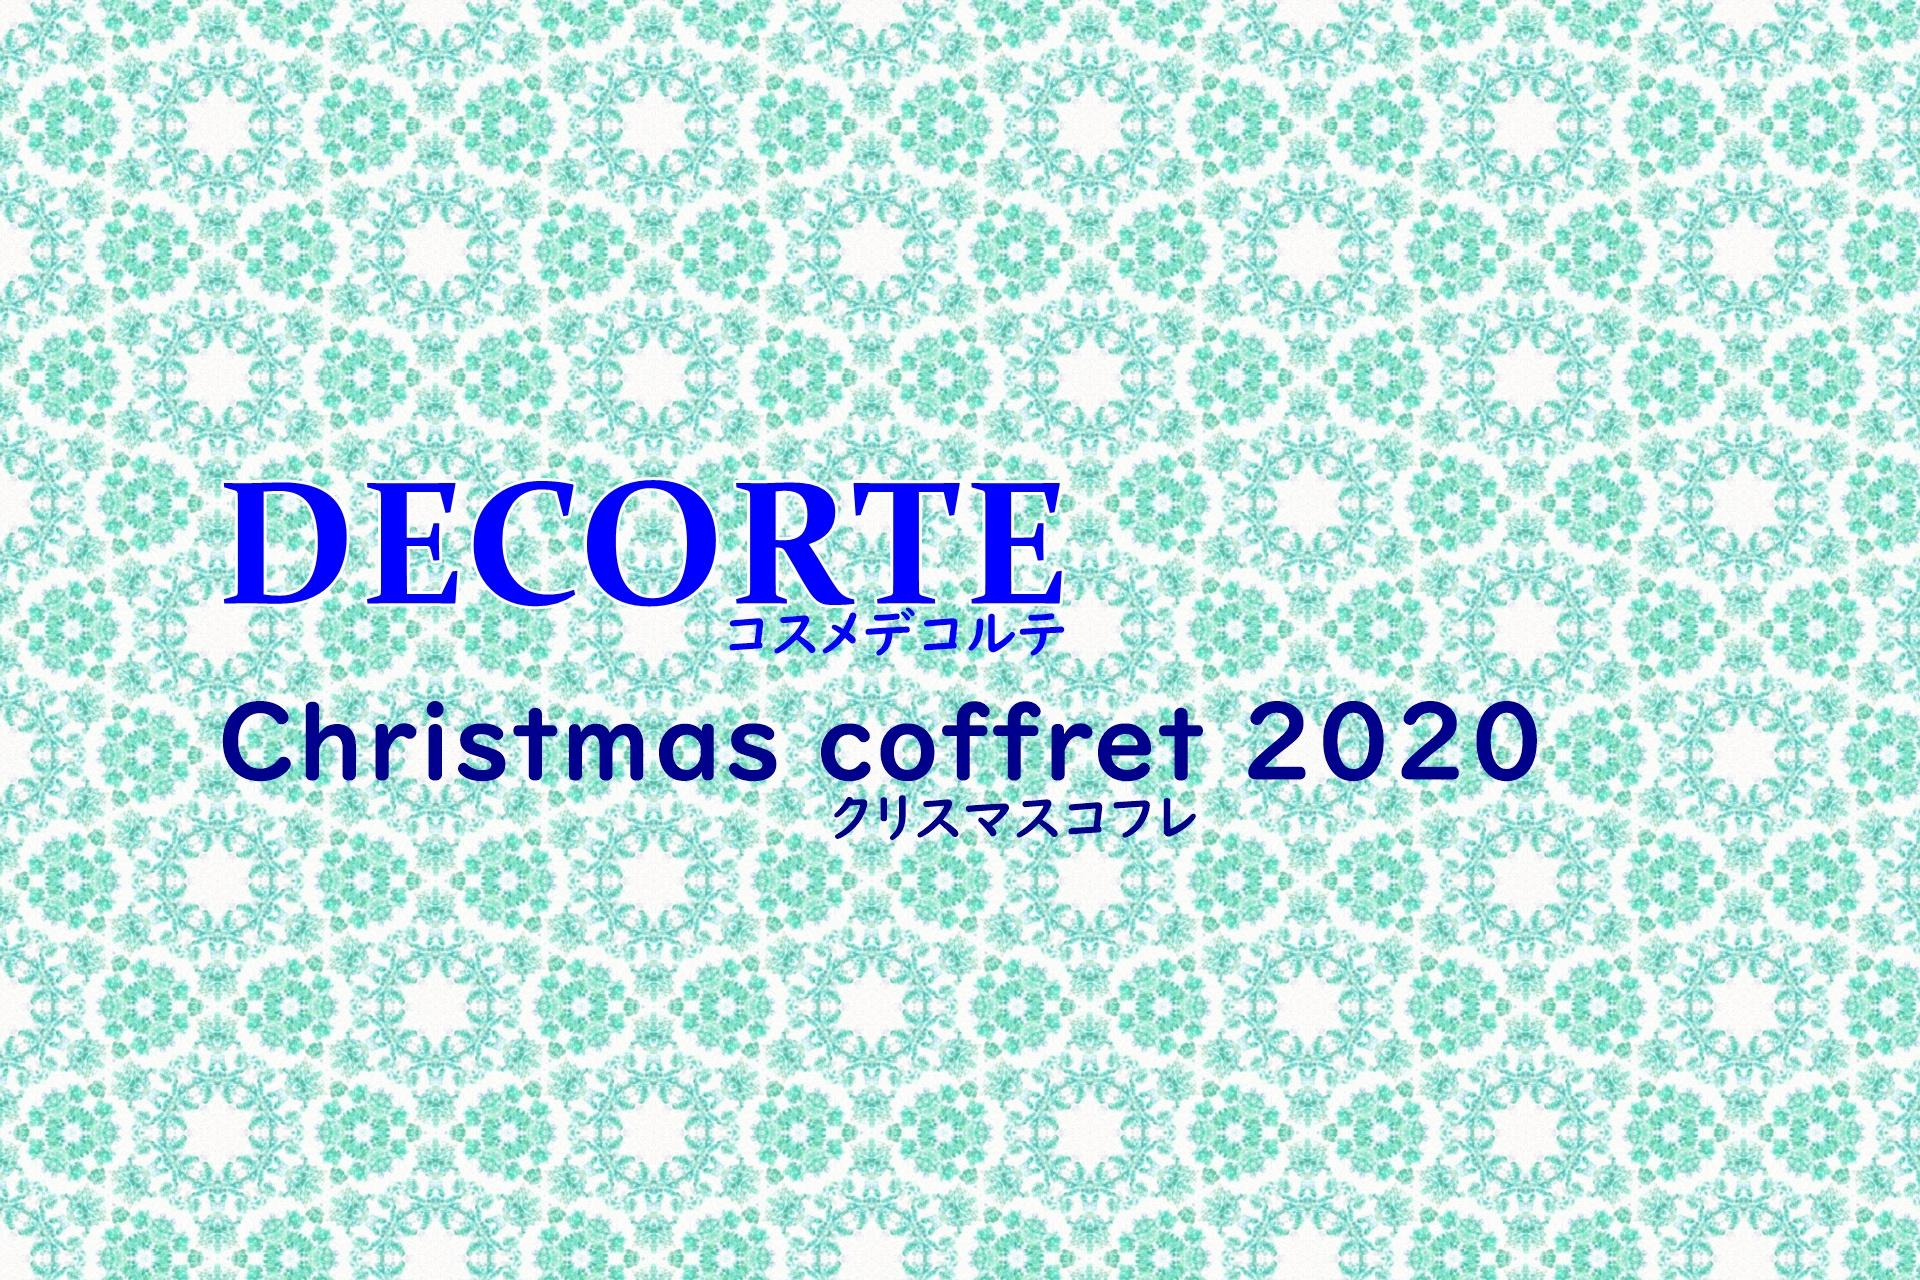 コスメデコルテクリスマスコフレ2020